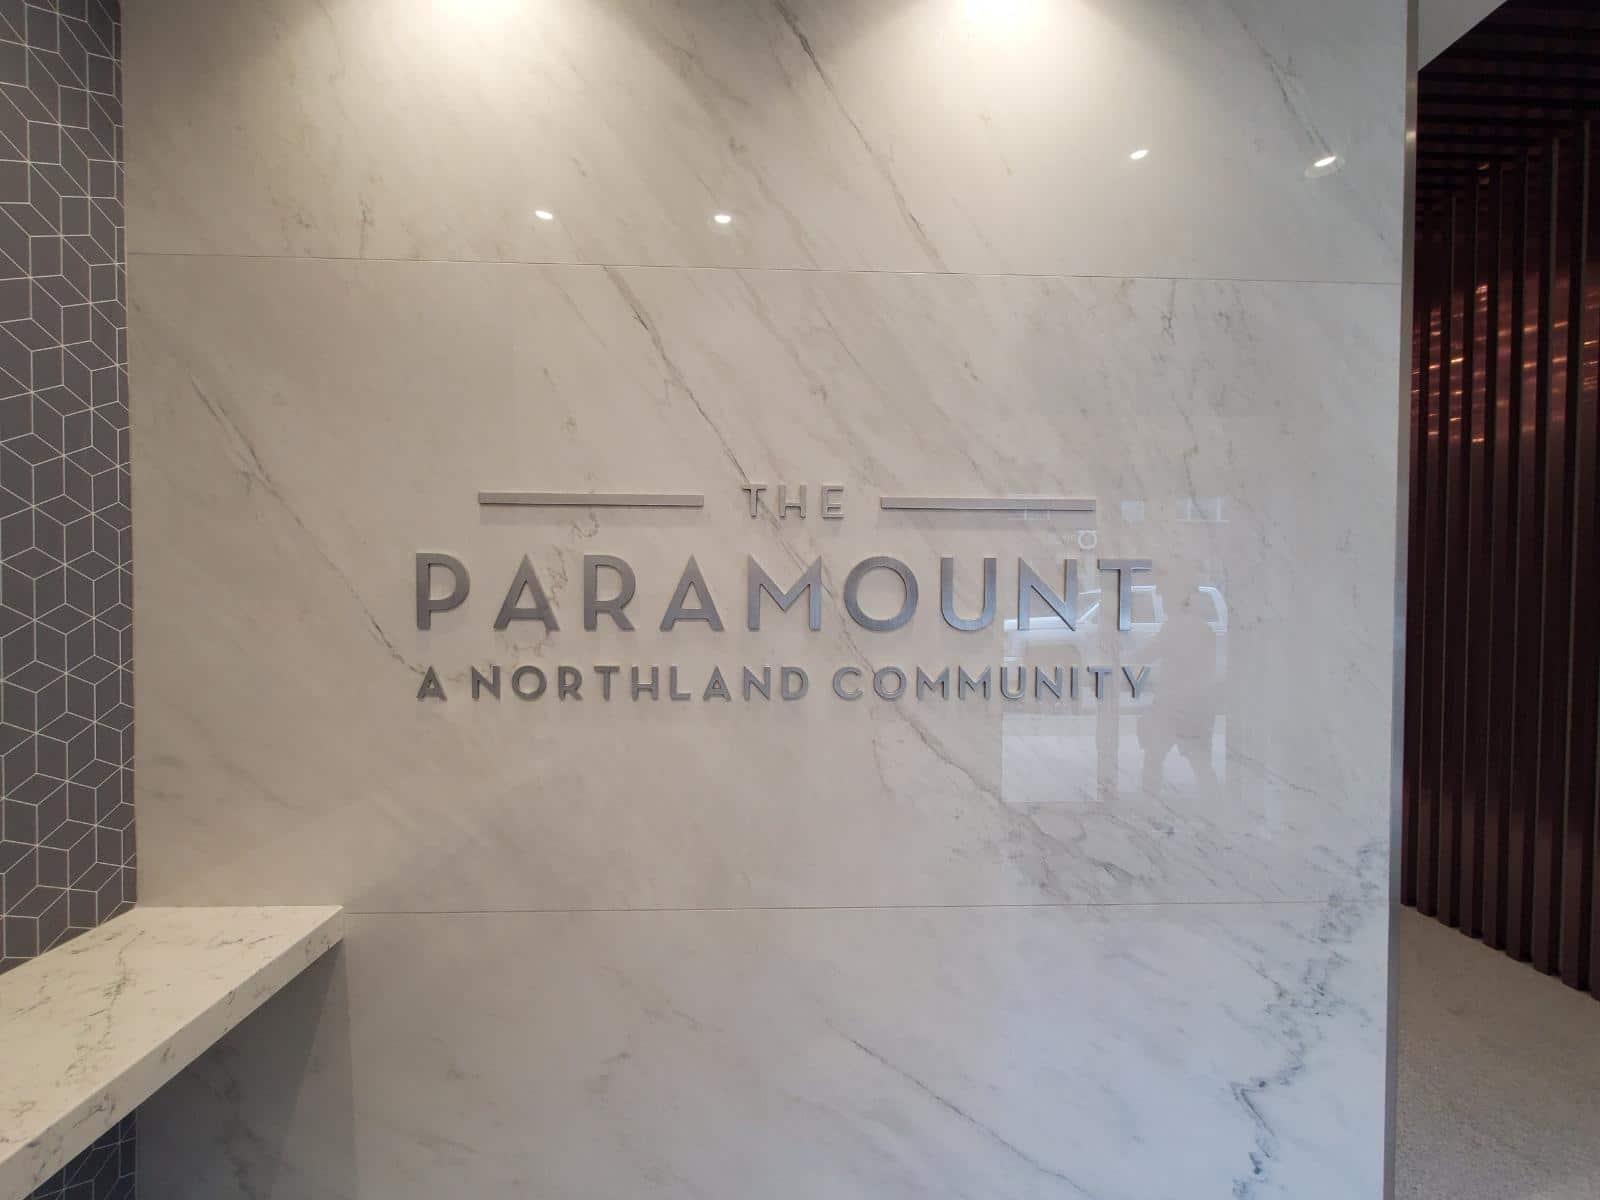 Paramount interior signage